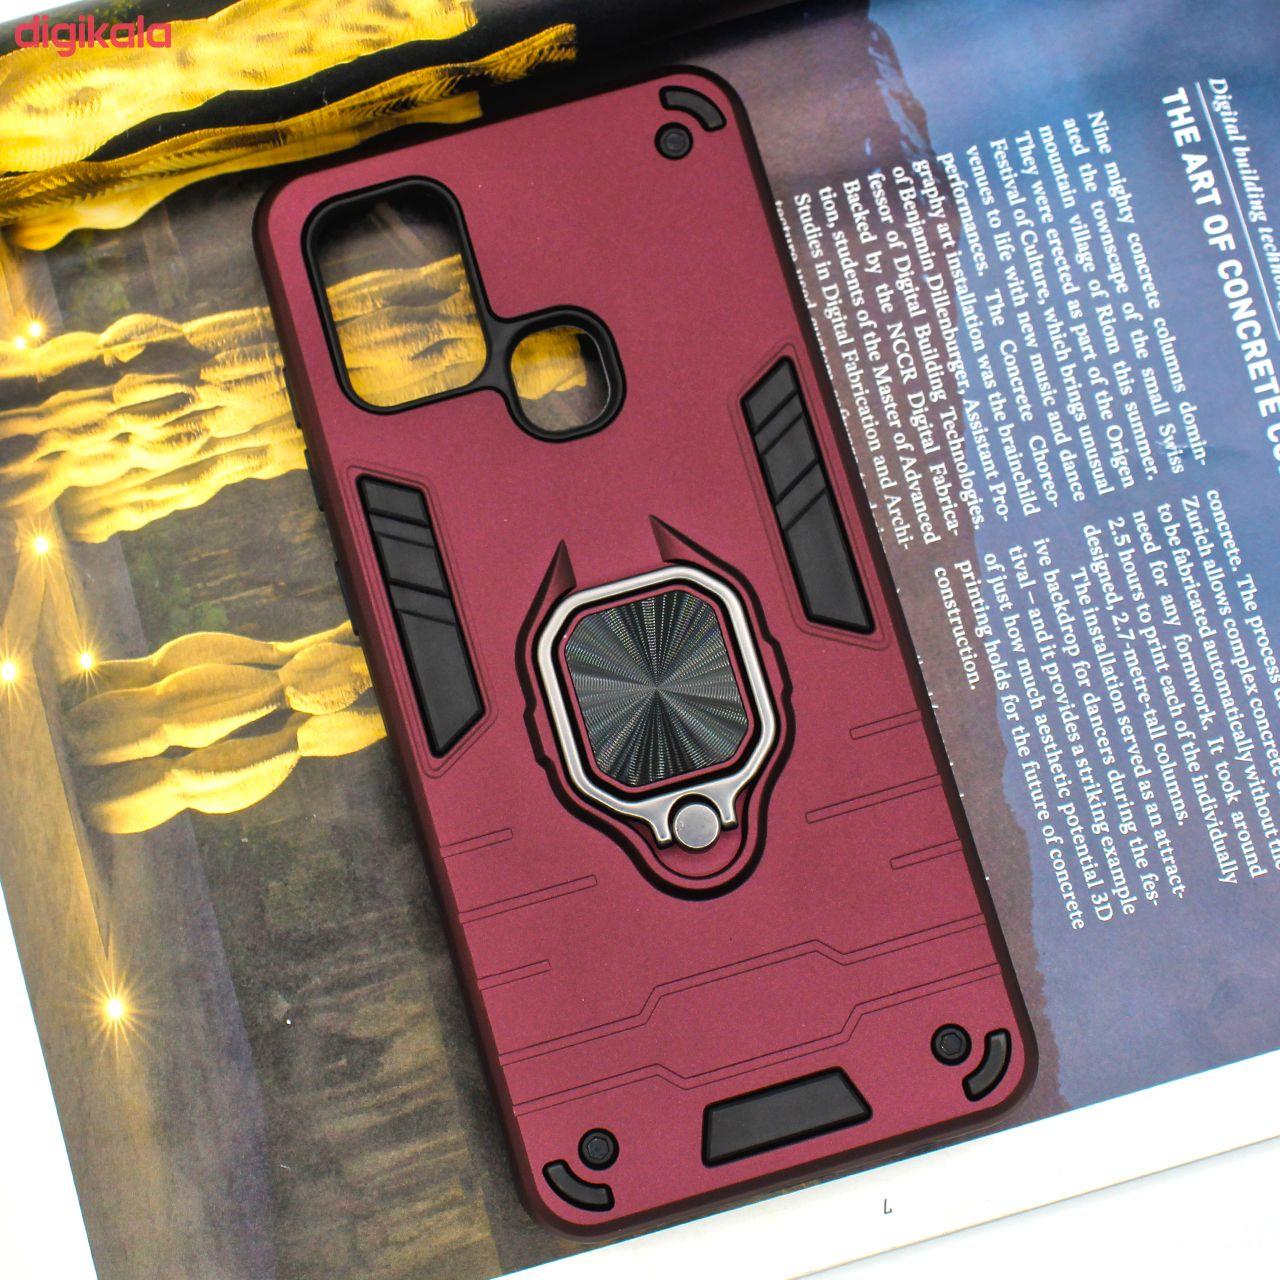 کاور لاین کینگ مدل ASH22 مناسب برای گوشی موبایل سامسونگ مدل Galaxy A21S main 1 6